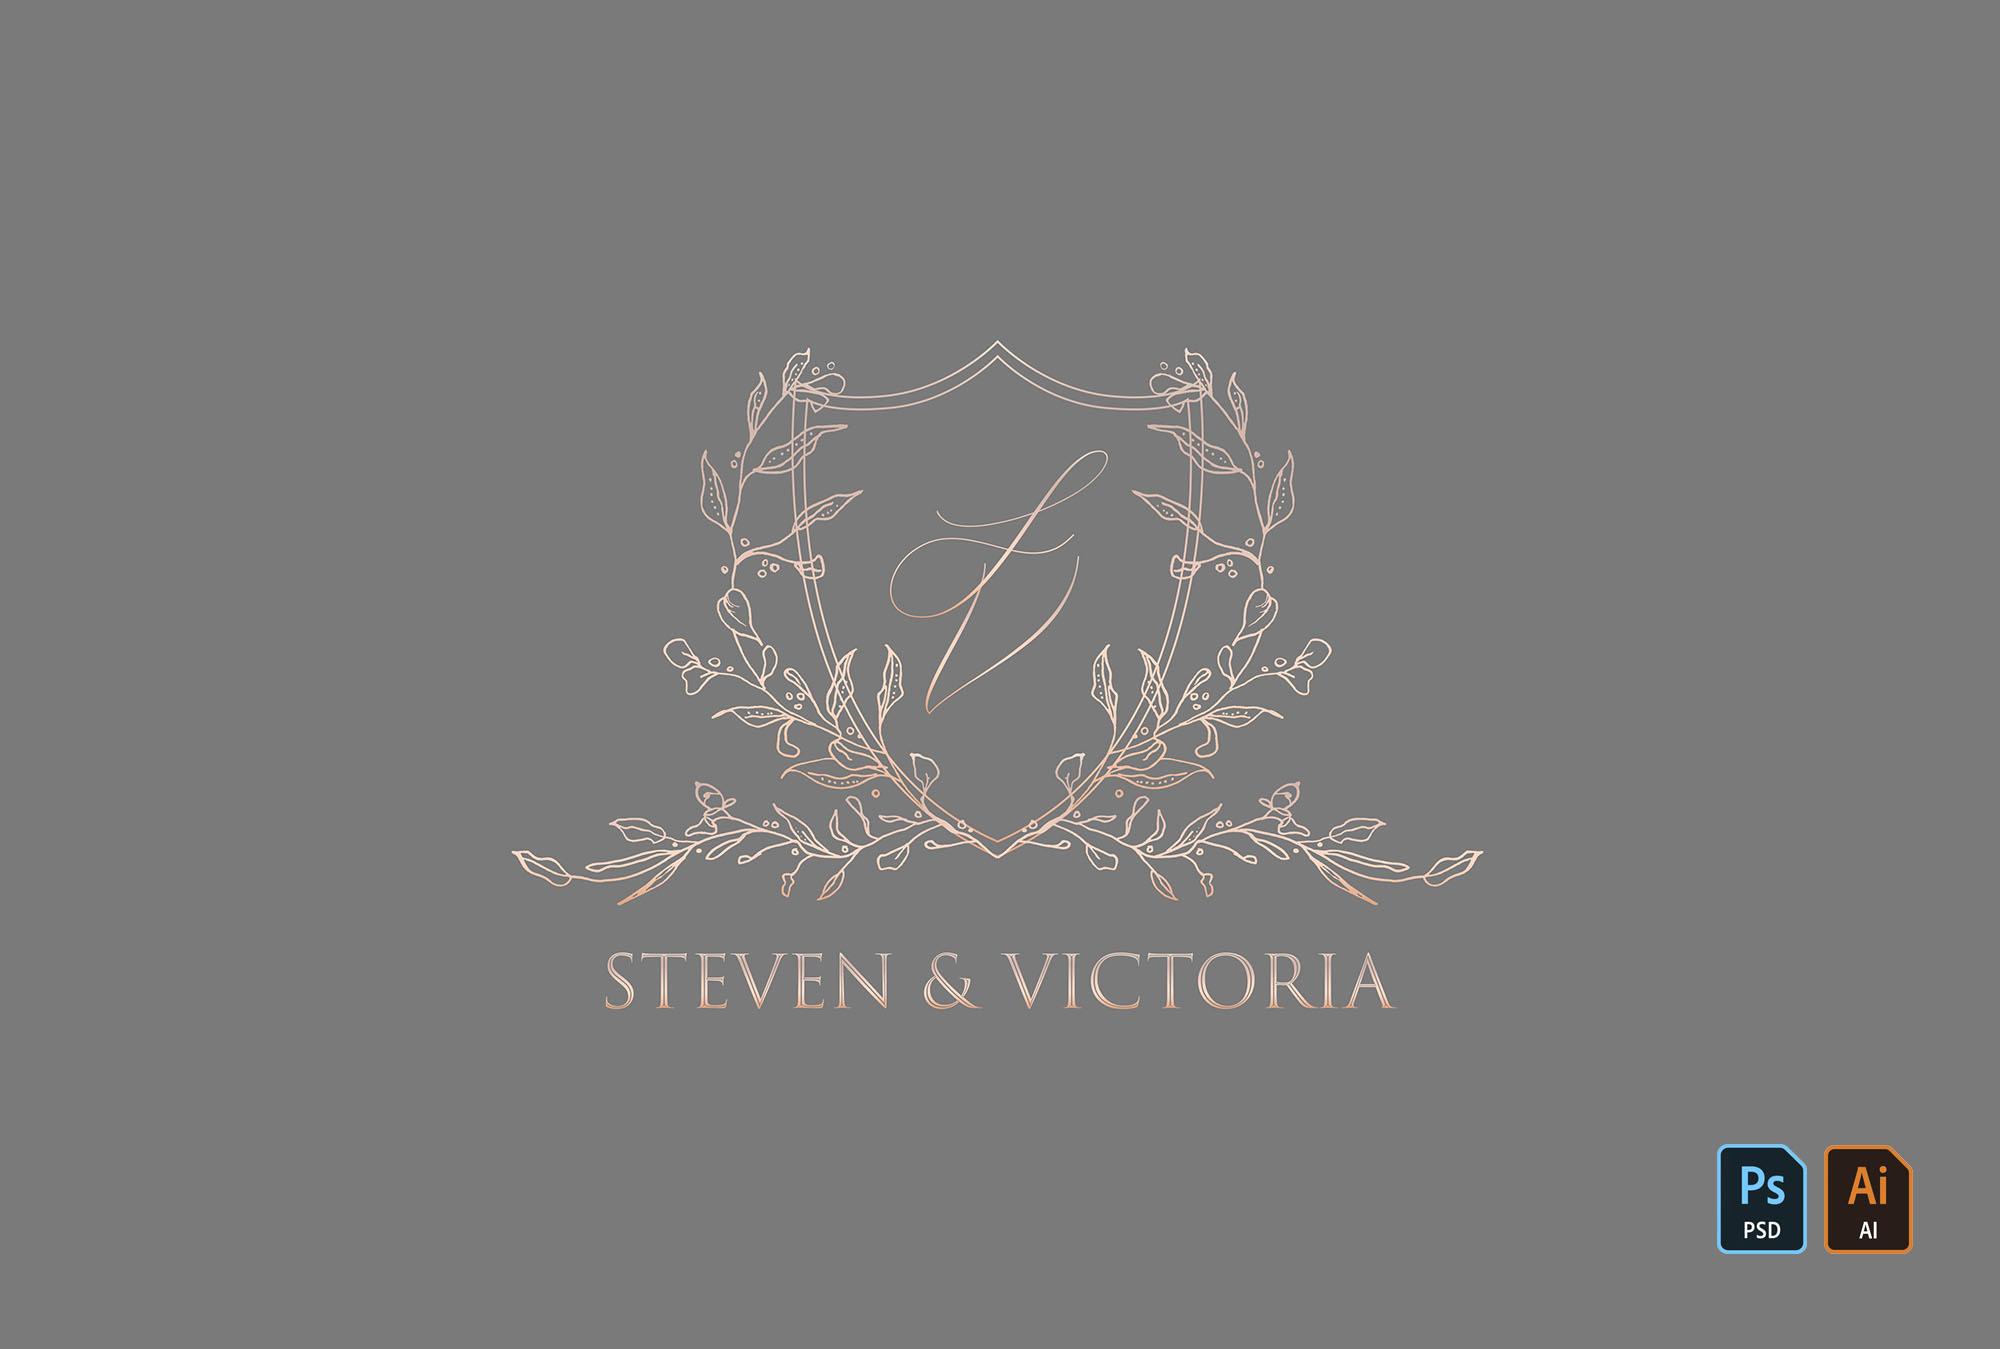 Royal Wedding Logo example image 2